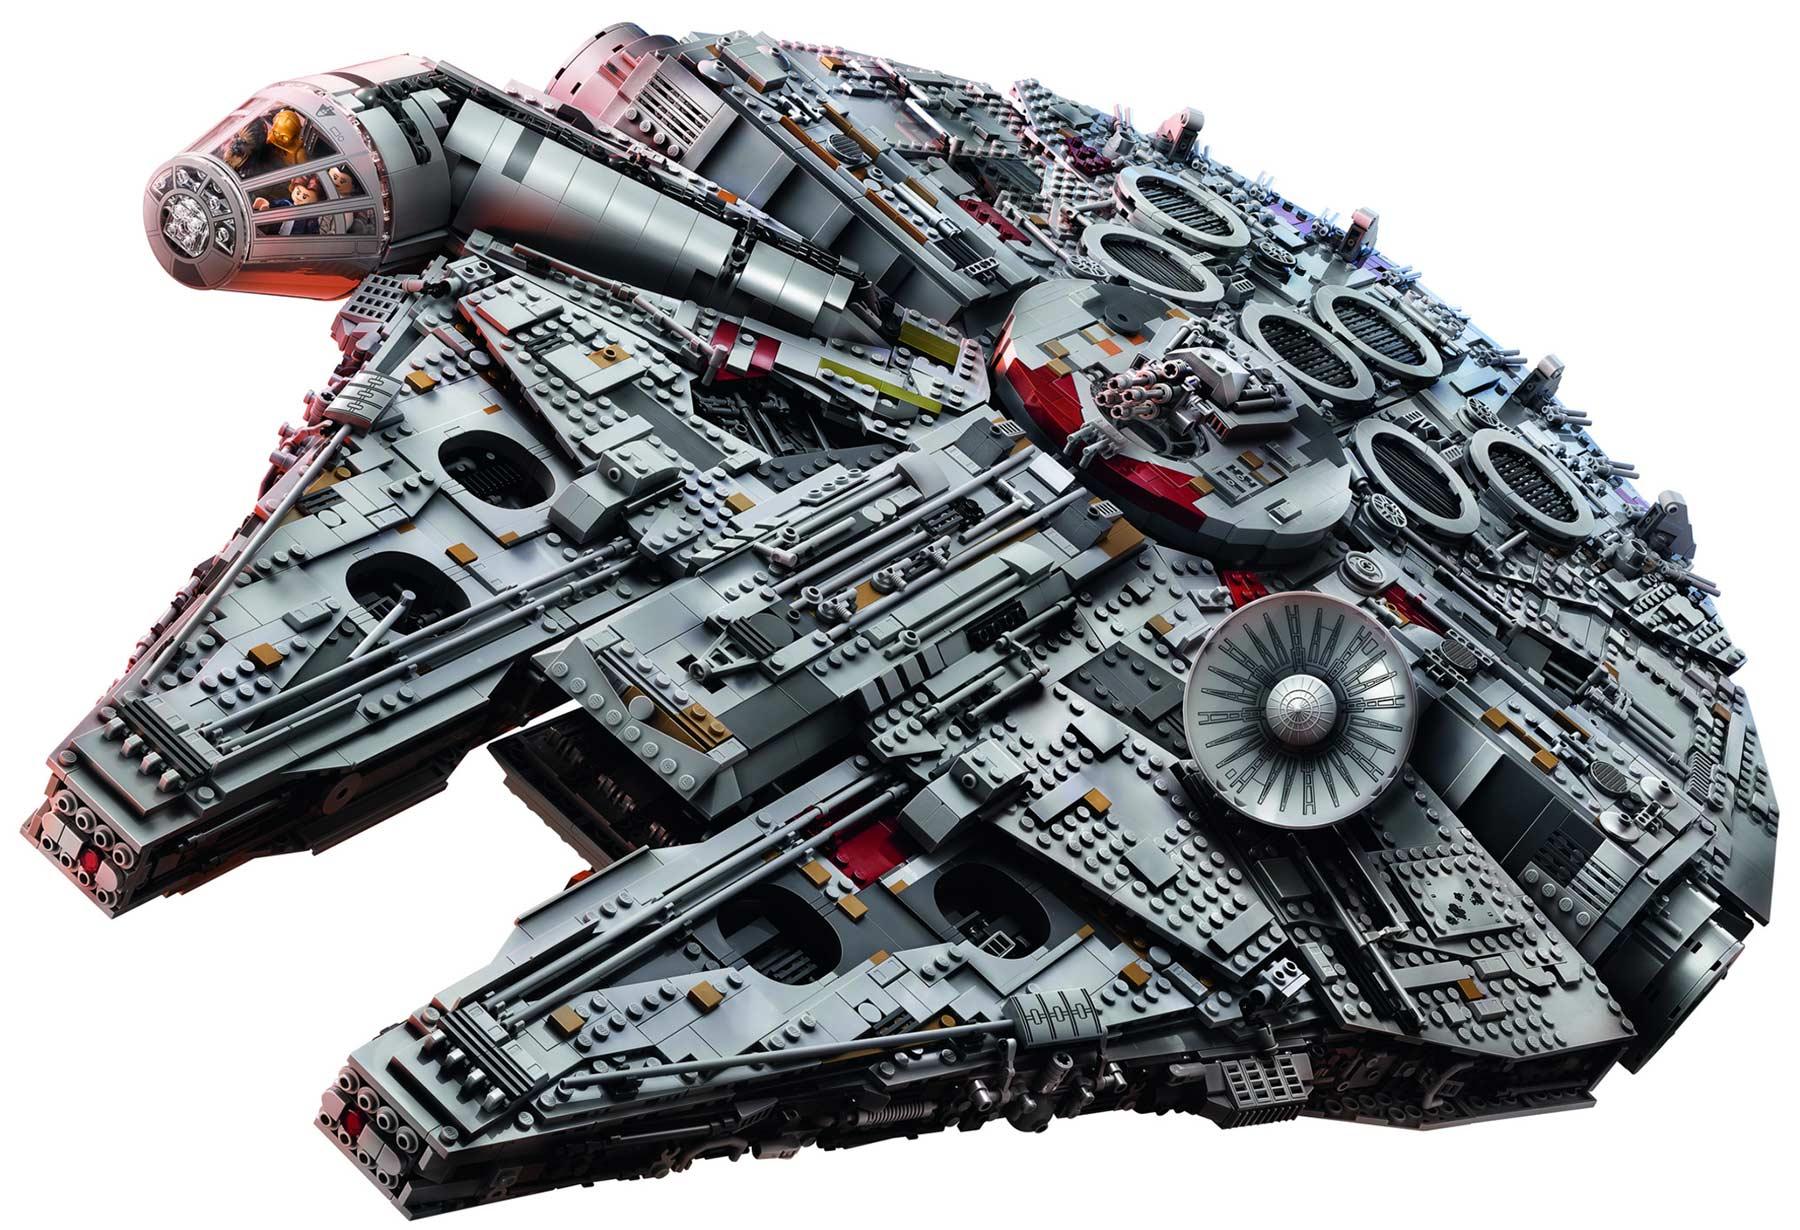 Dieser neue LEGO-Millennium Falcon kommt mit 7.541 Steinen